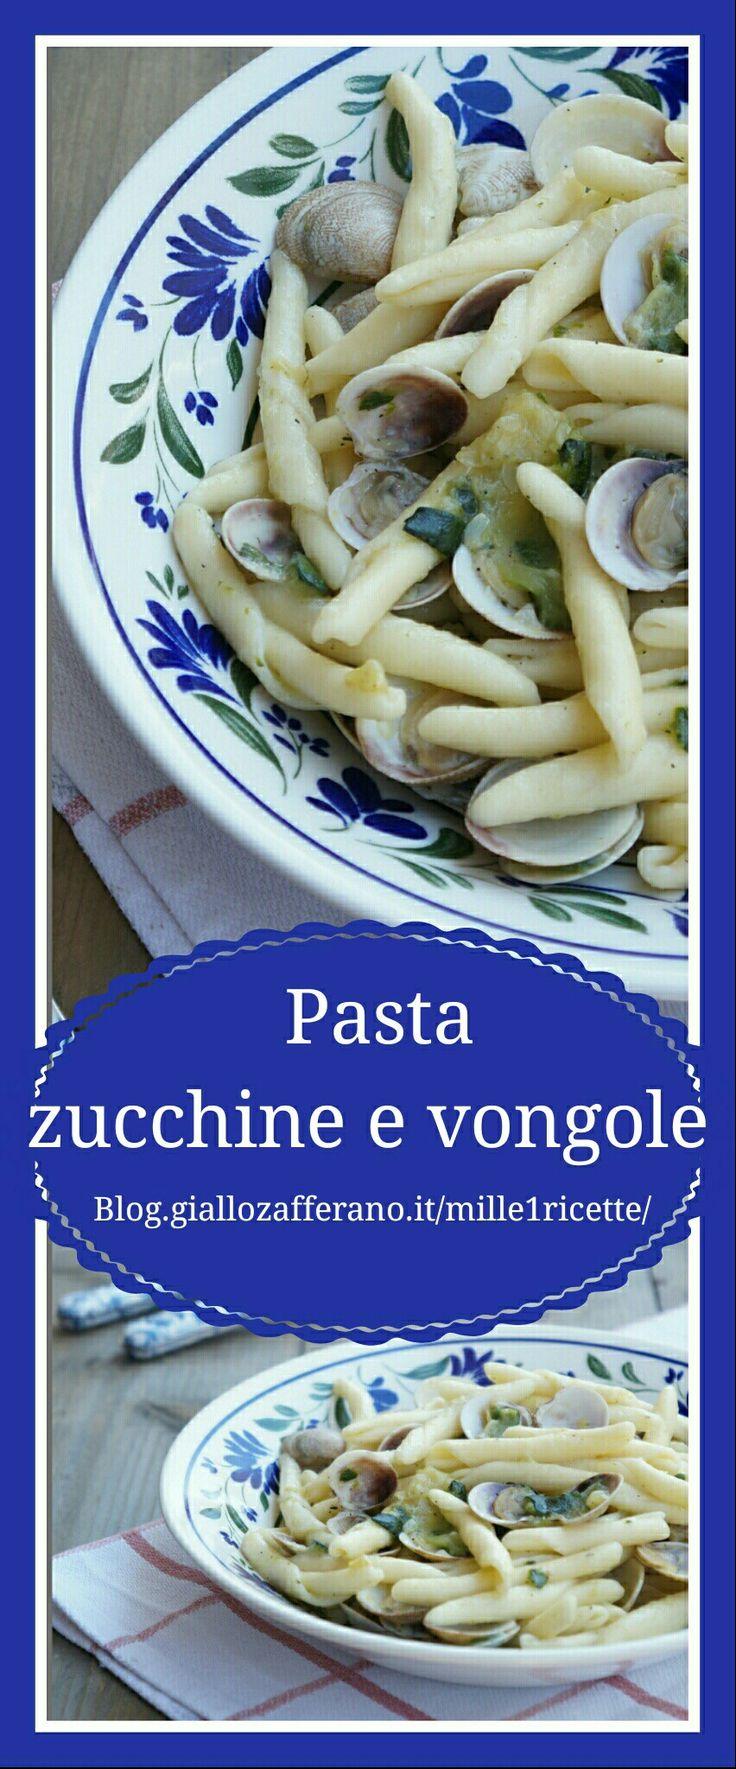 Pasta zucchine e vongole  http://blog.giallozafferano.it/mille1ricette/pasta-alle-zucchine-vongole/